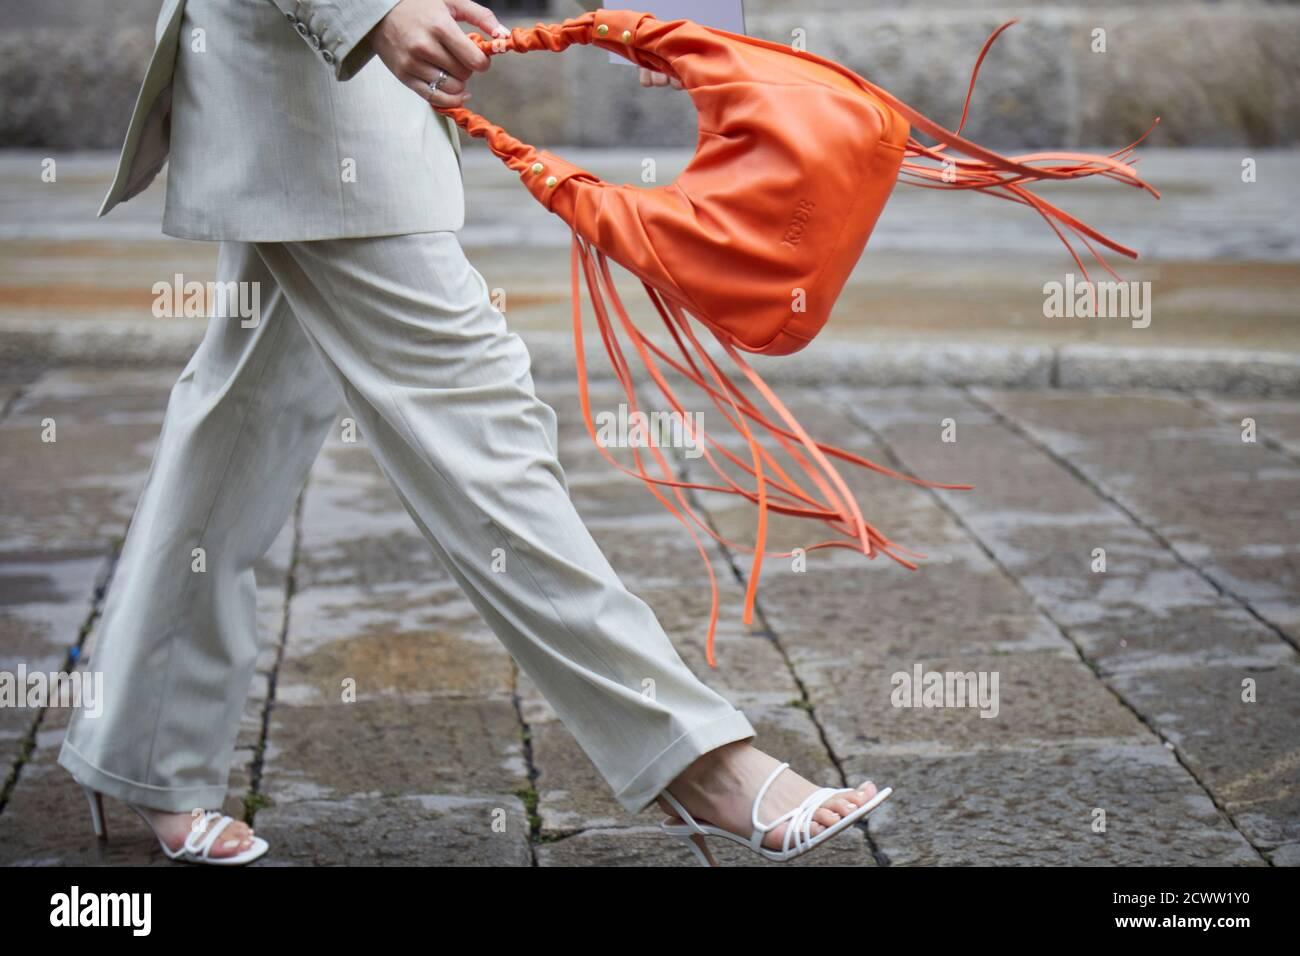 MILANO, ITALIA - 24 SETTEMBRE 2020: Donna che cammina con borsa in pelle arancione con frange prima della sfilata Max Mara, Milano Fashion Week Street Style Foto Stock